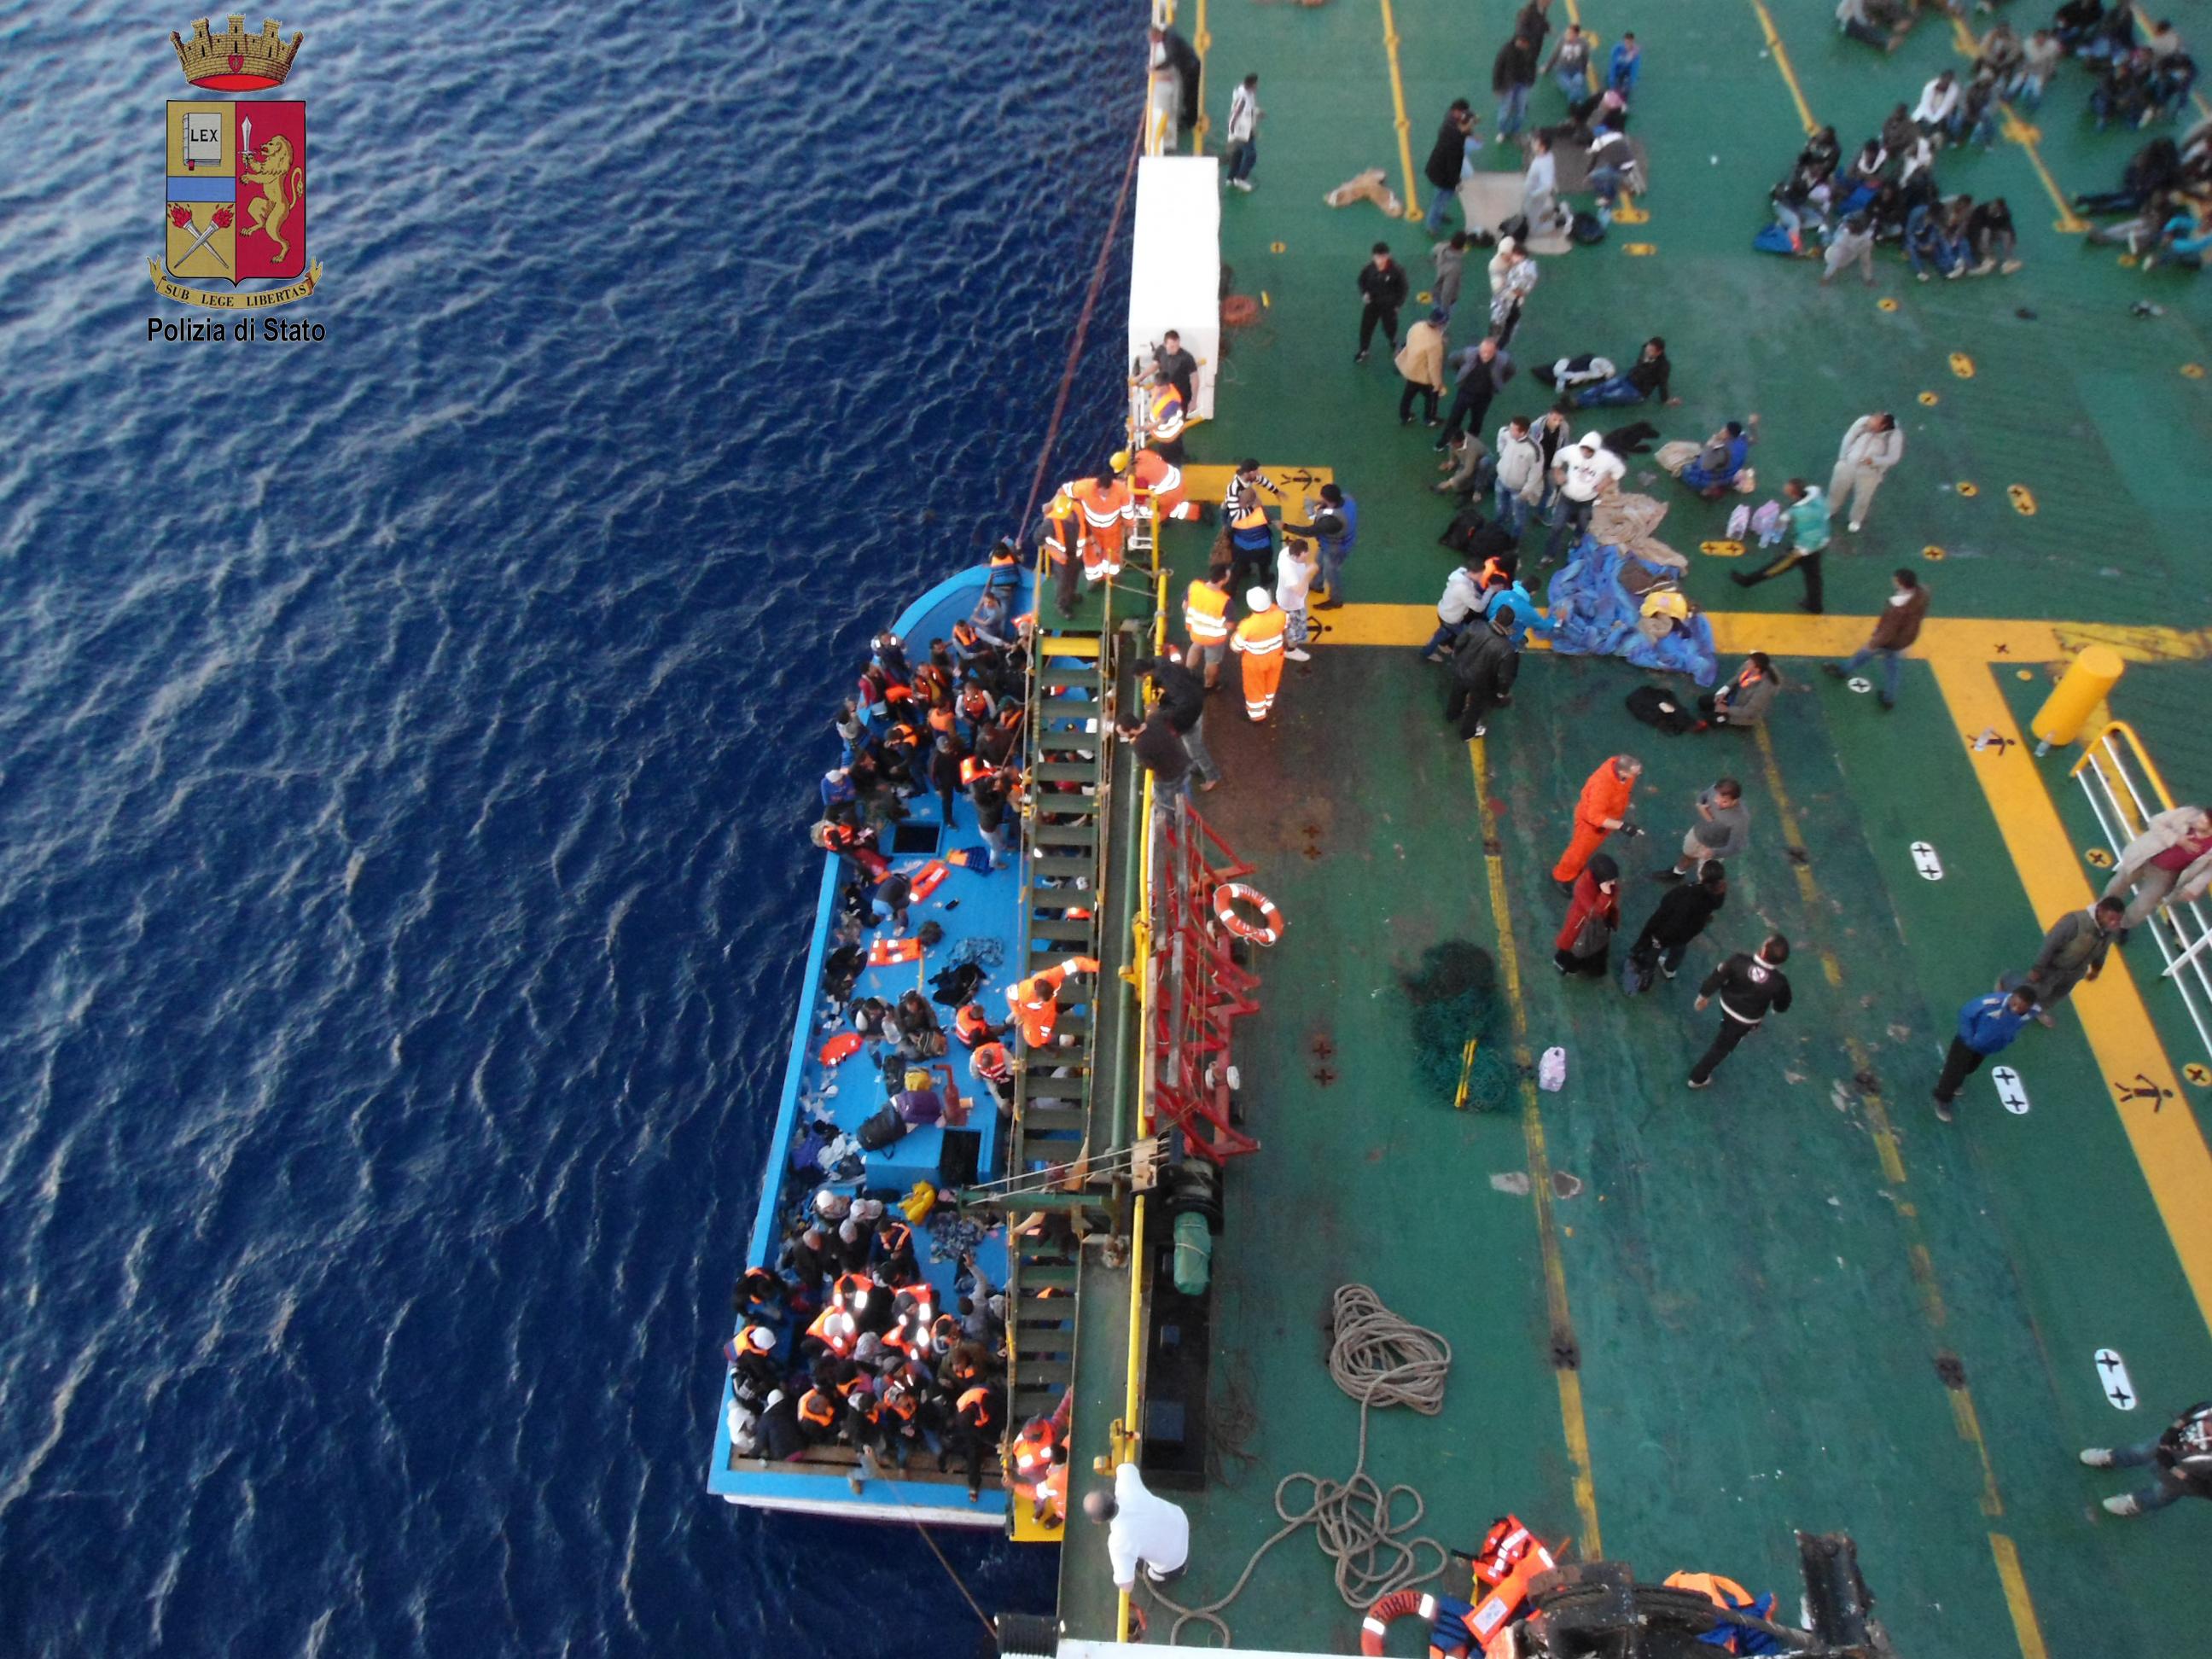 migranti da barcone a nave